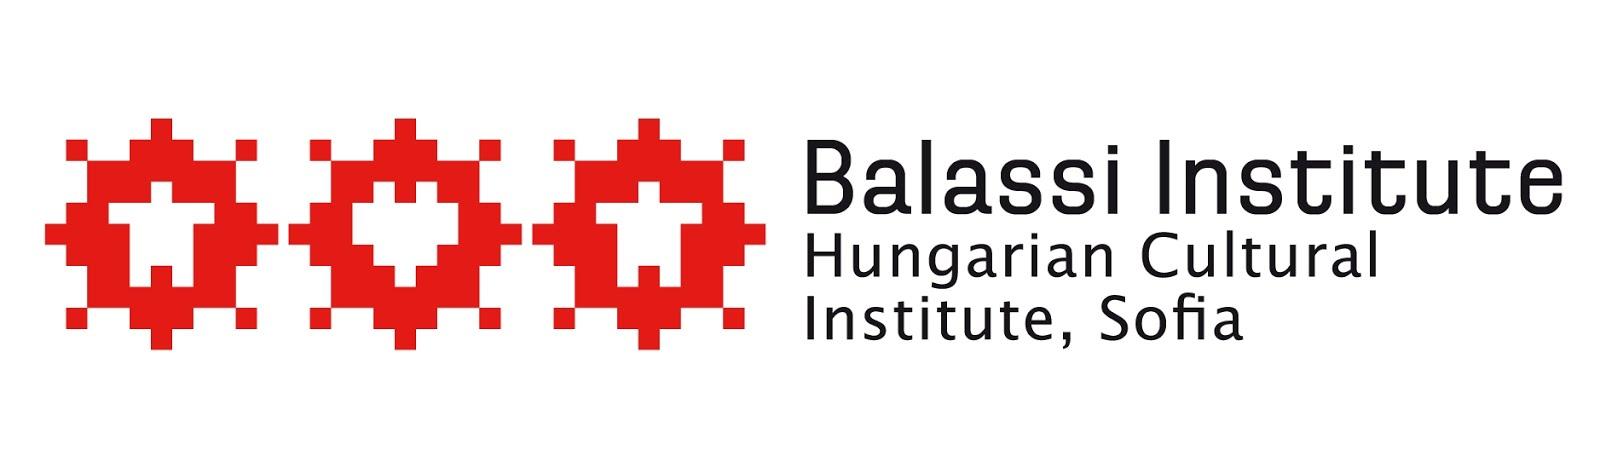 http://www.szofia.balassiintezet.hu/bg/